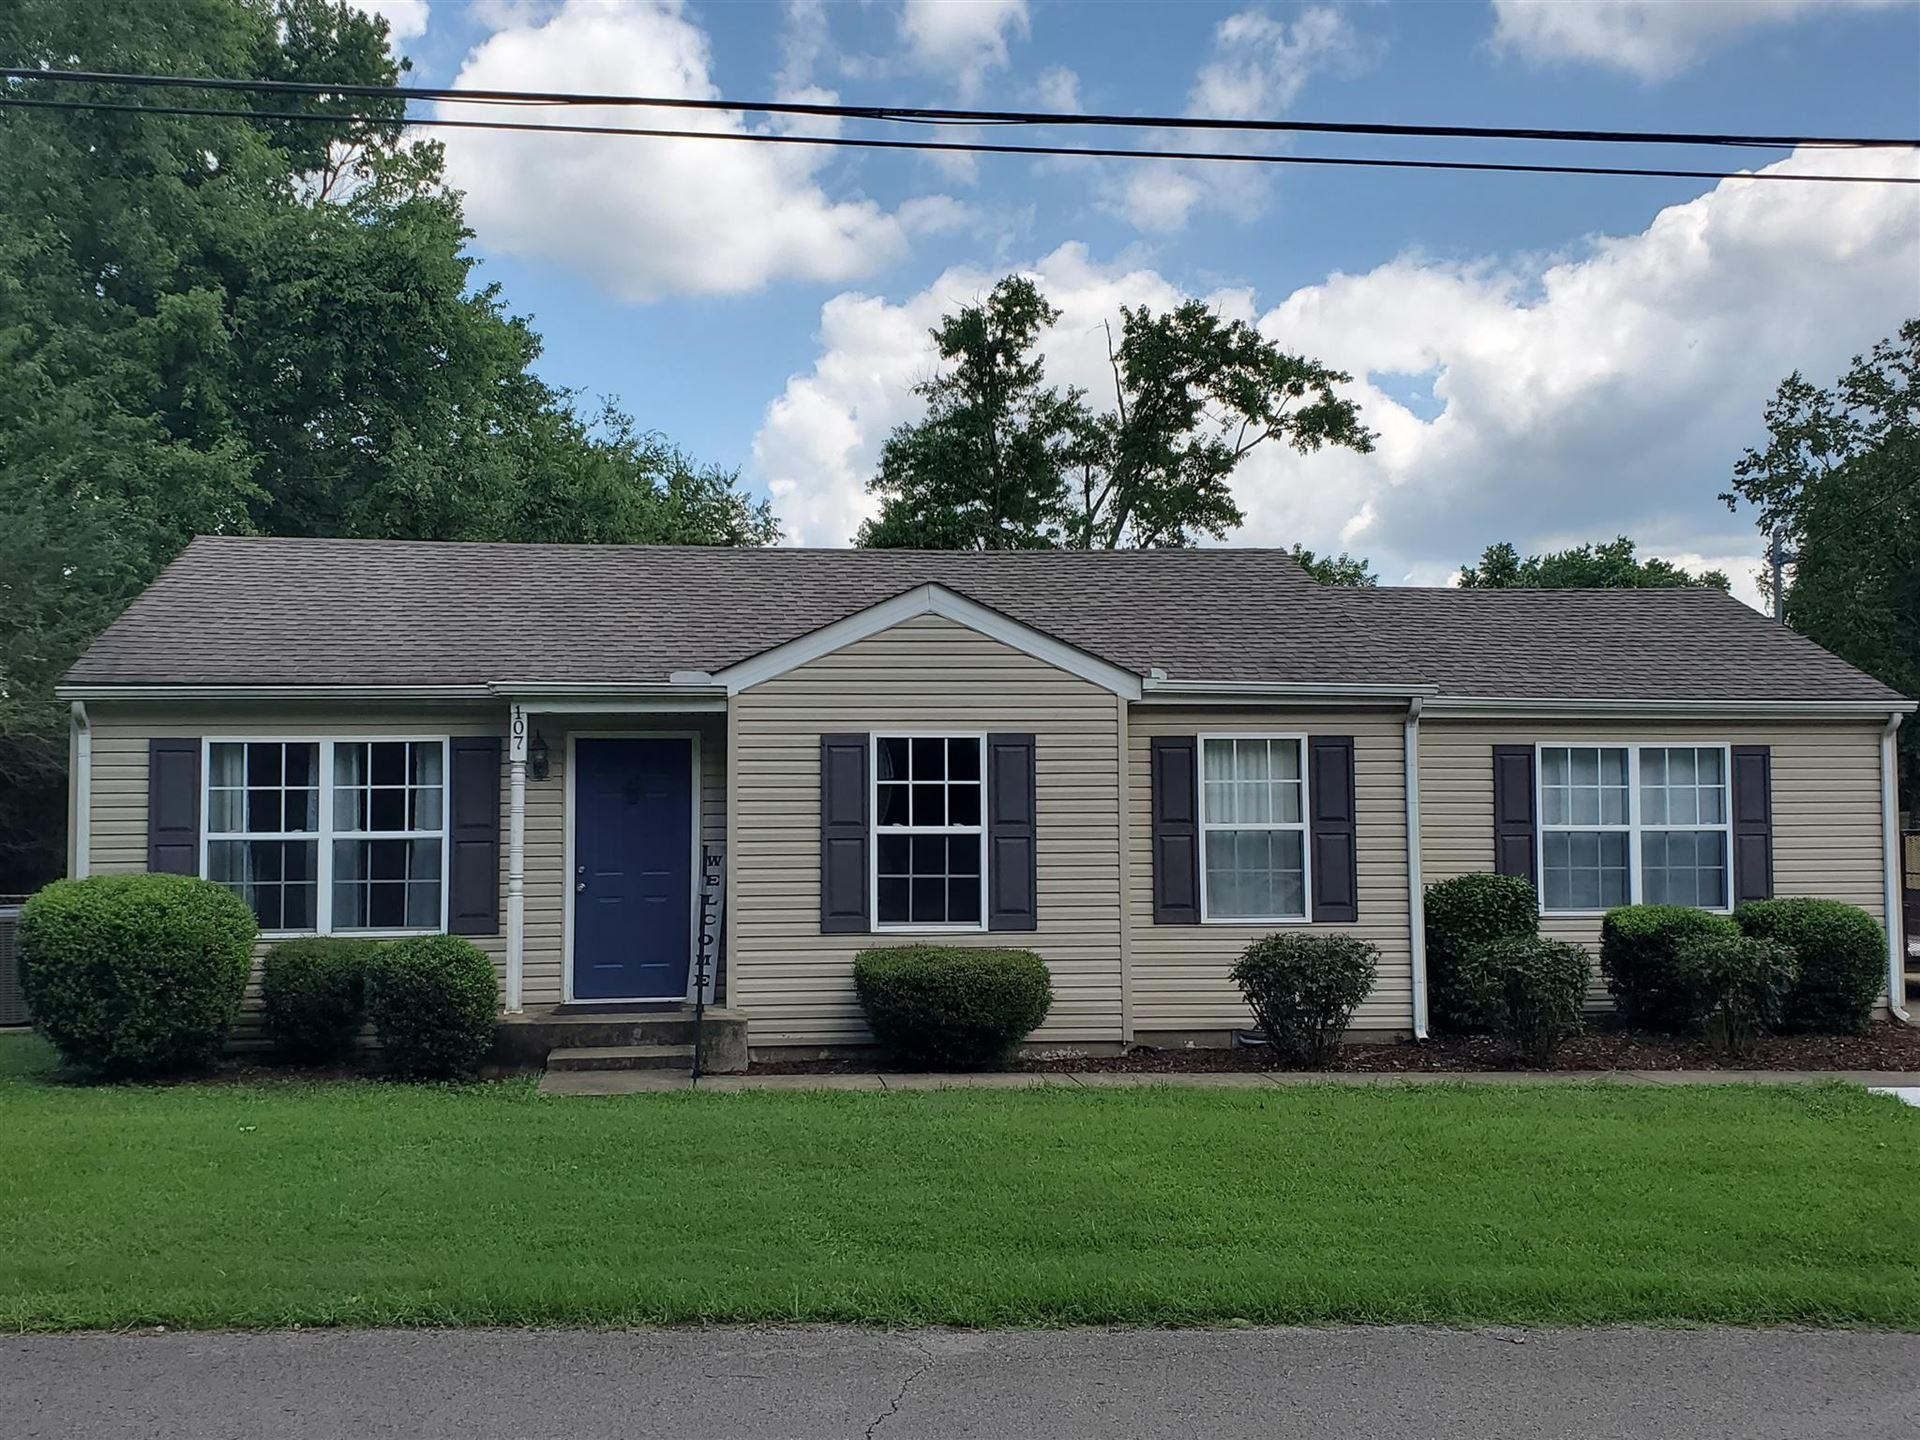 107 Murfreesboro St, Murfreesboro, TN 37127 - MLS#: 2188100